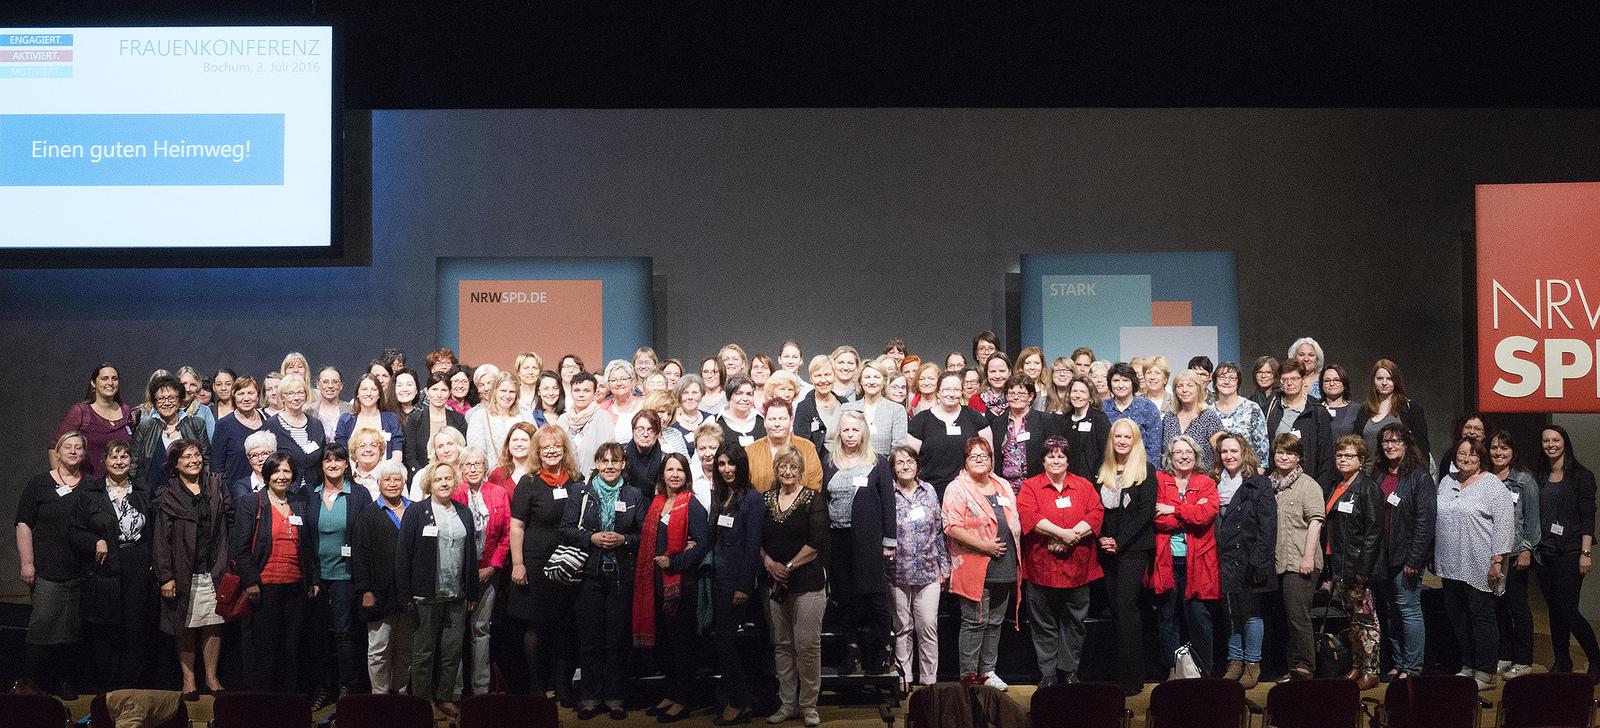 NRW-SPD Frauenkonferenz